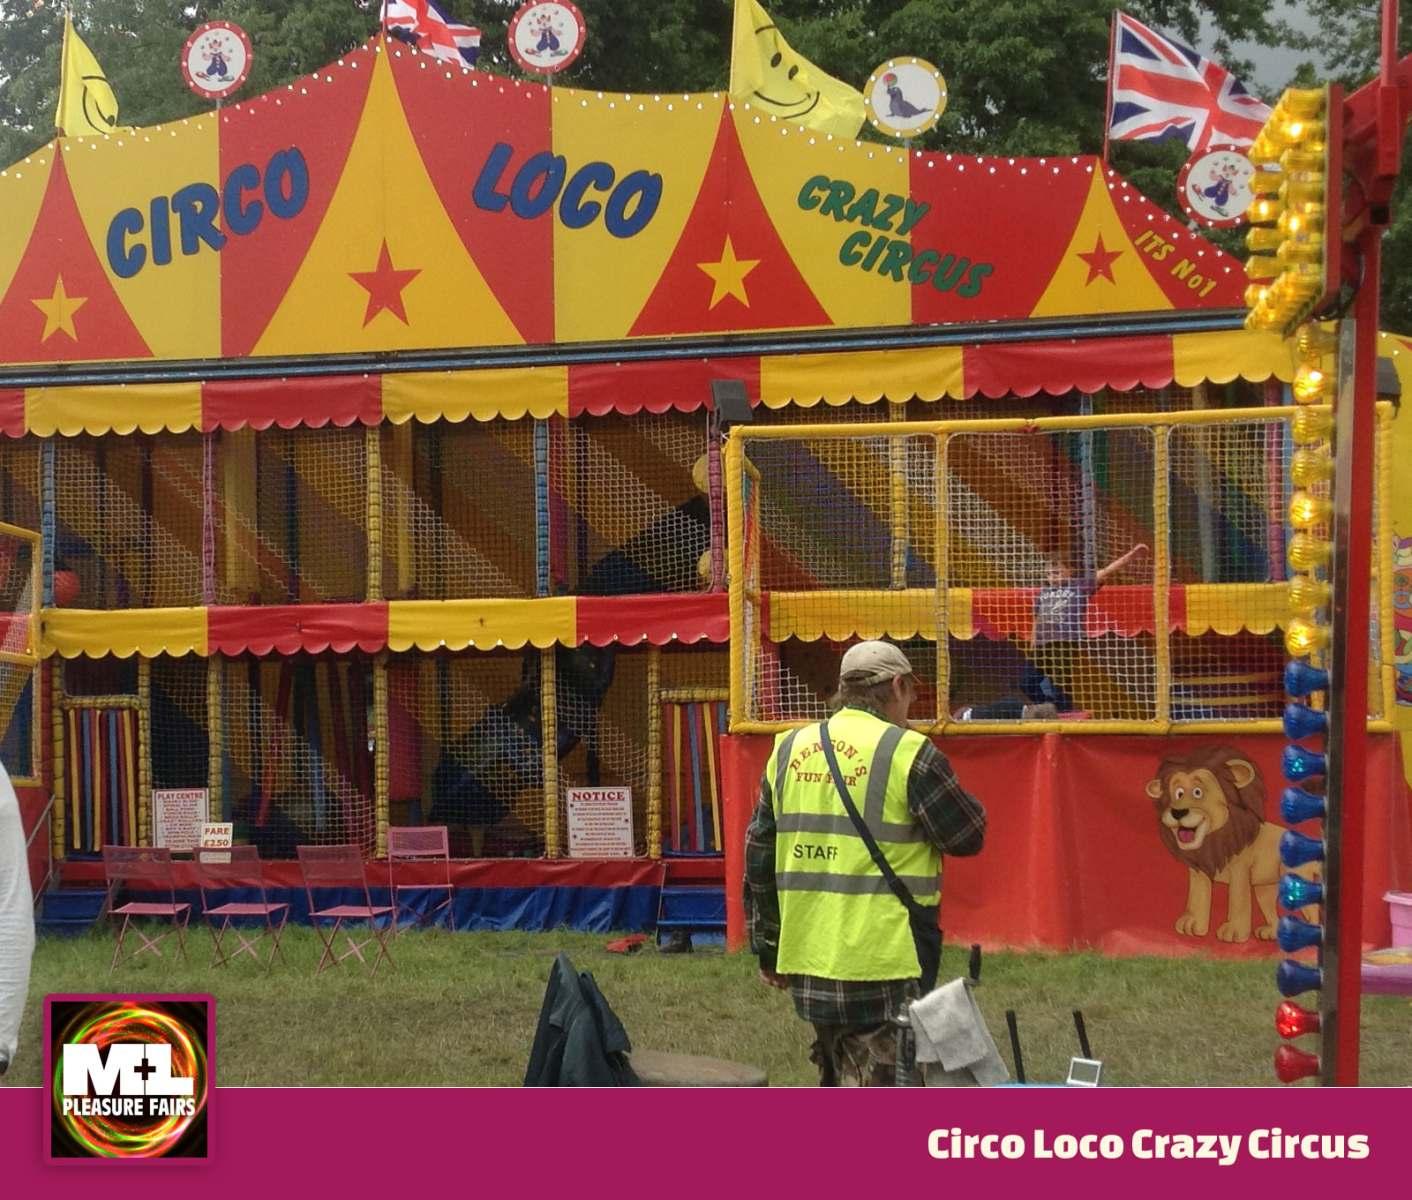 Circo Loco Crazy Circus Ride Image